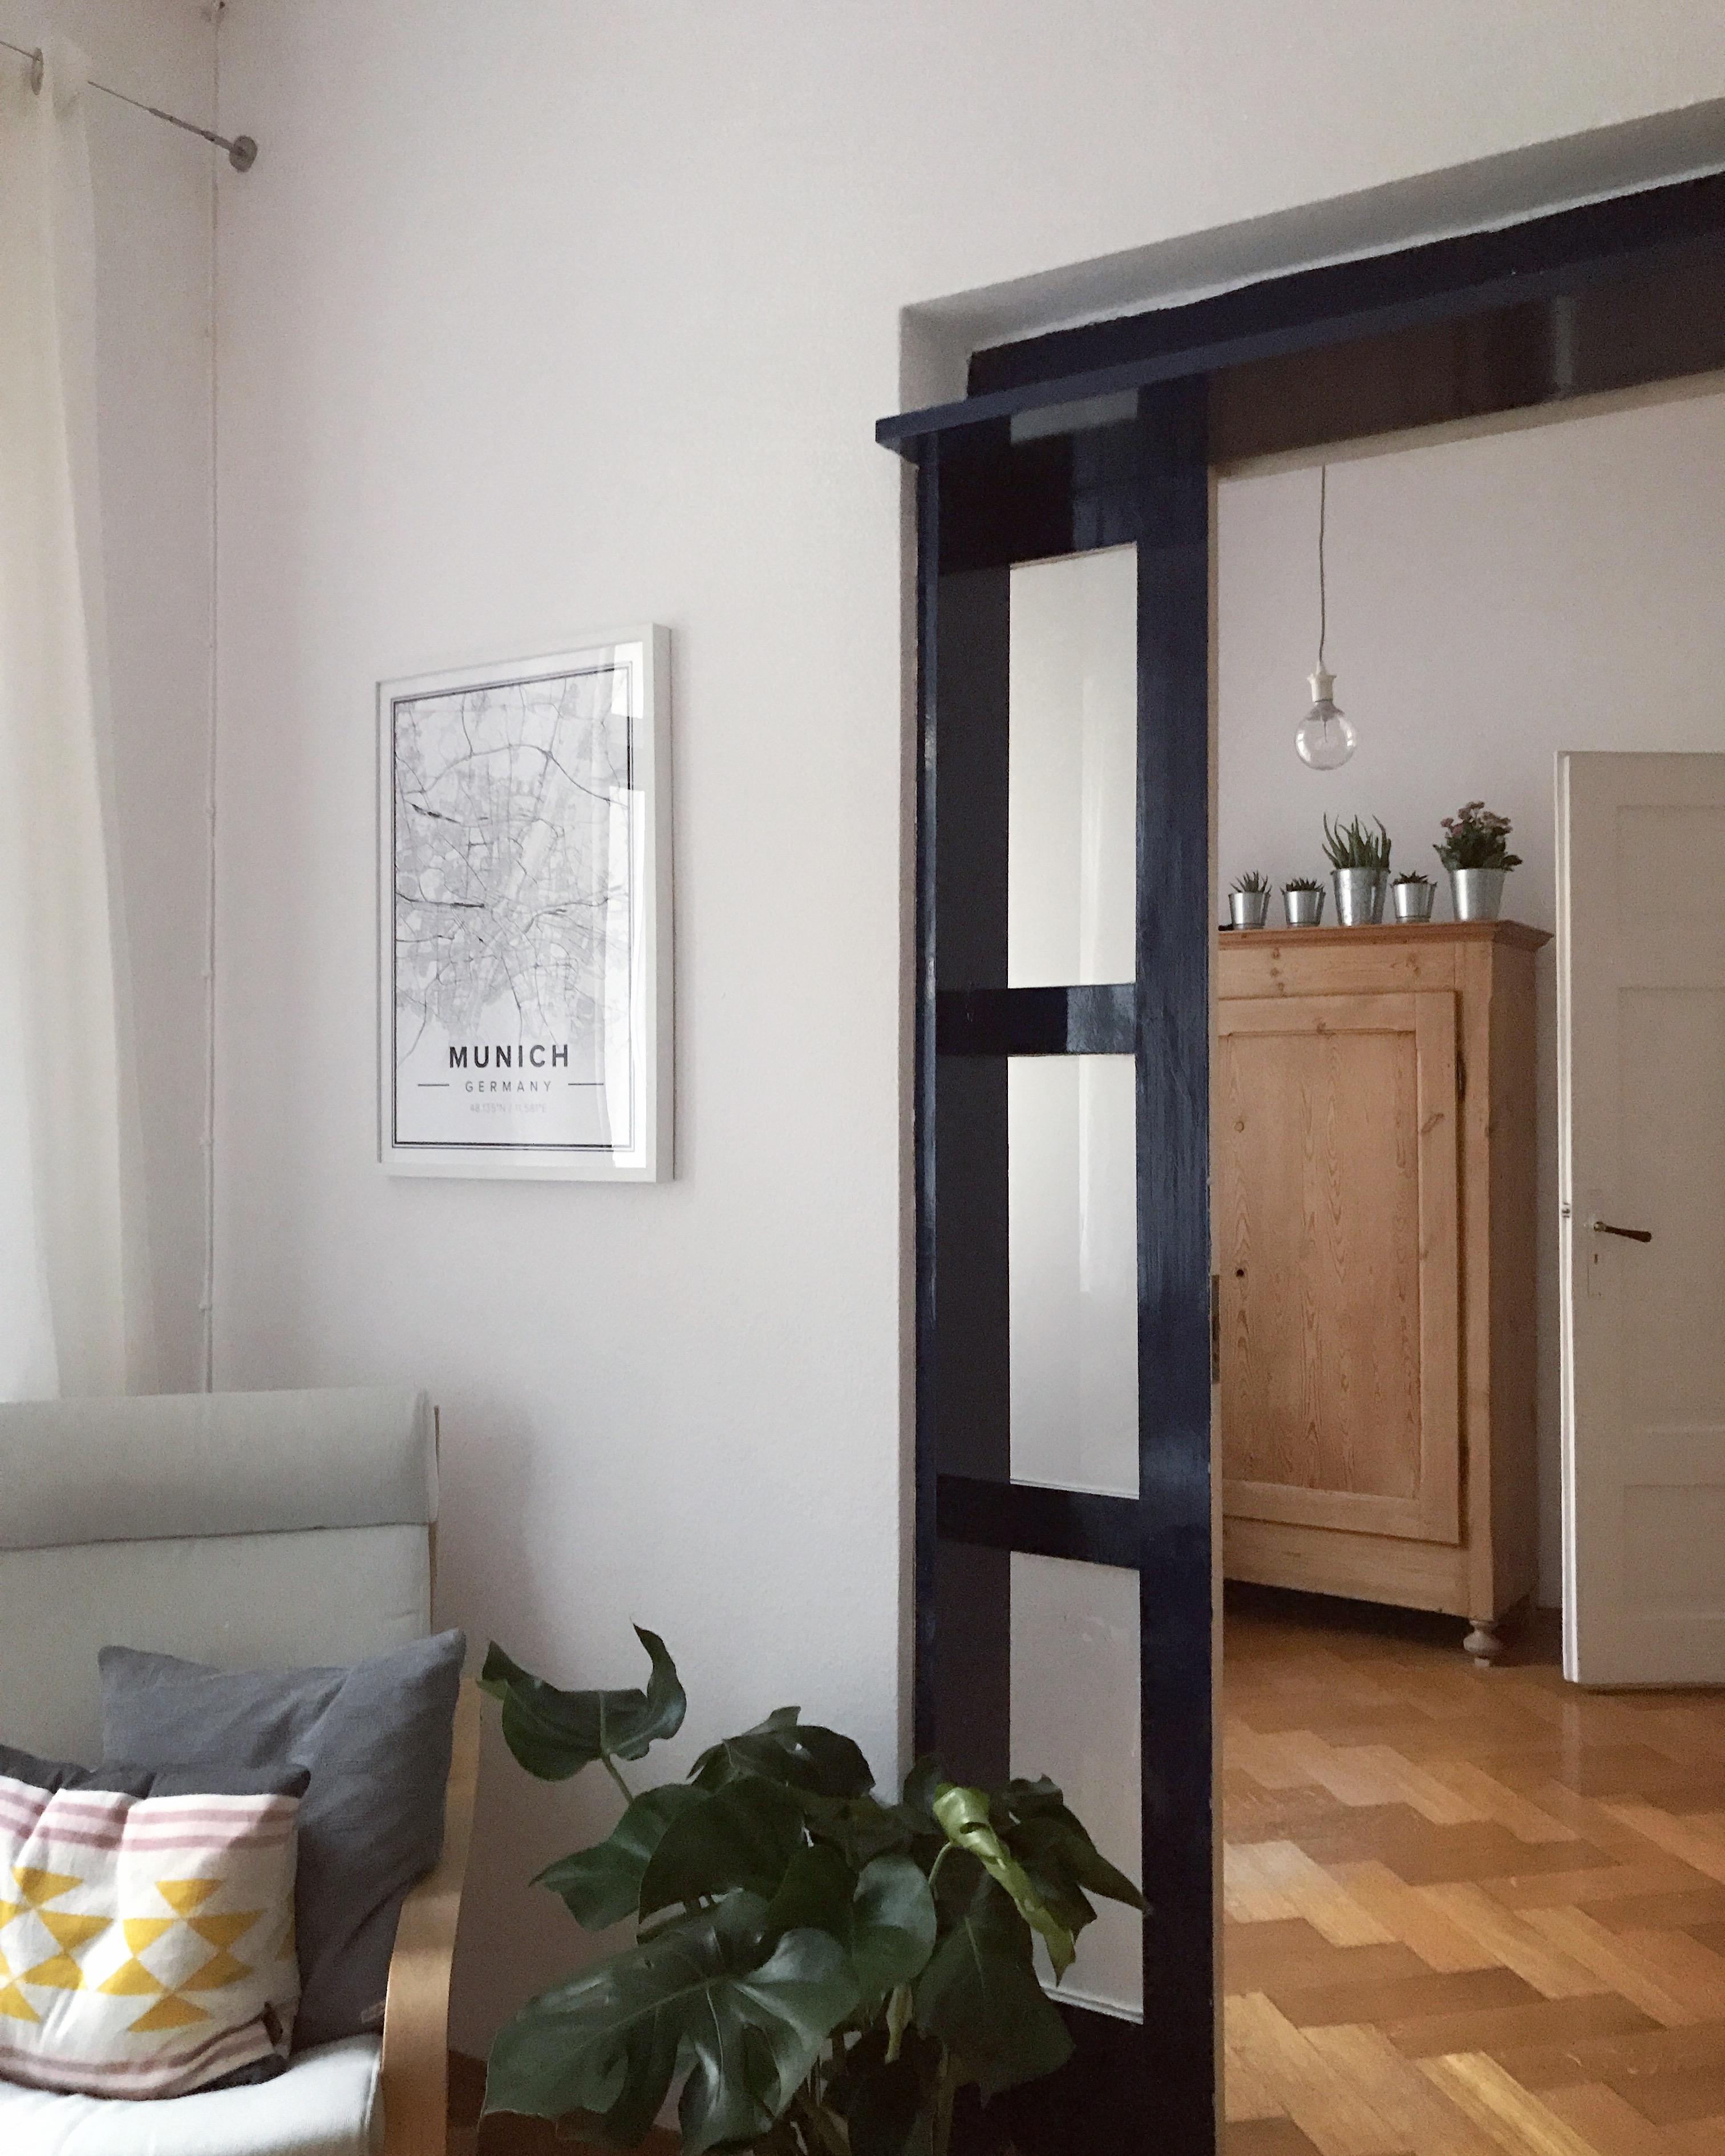 schiebetür • bilder & ideen • couchstyle, Hause deko